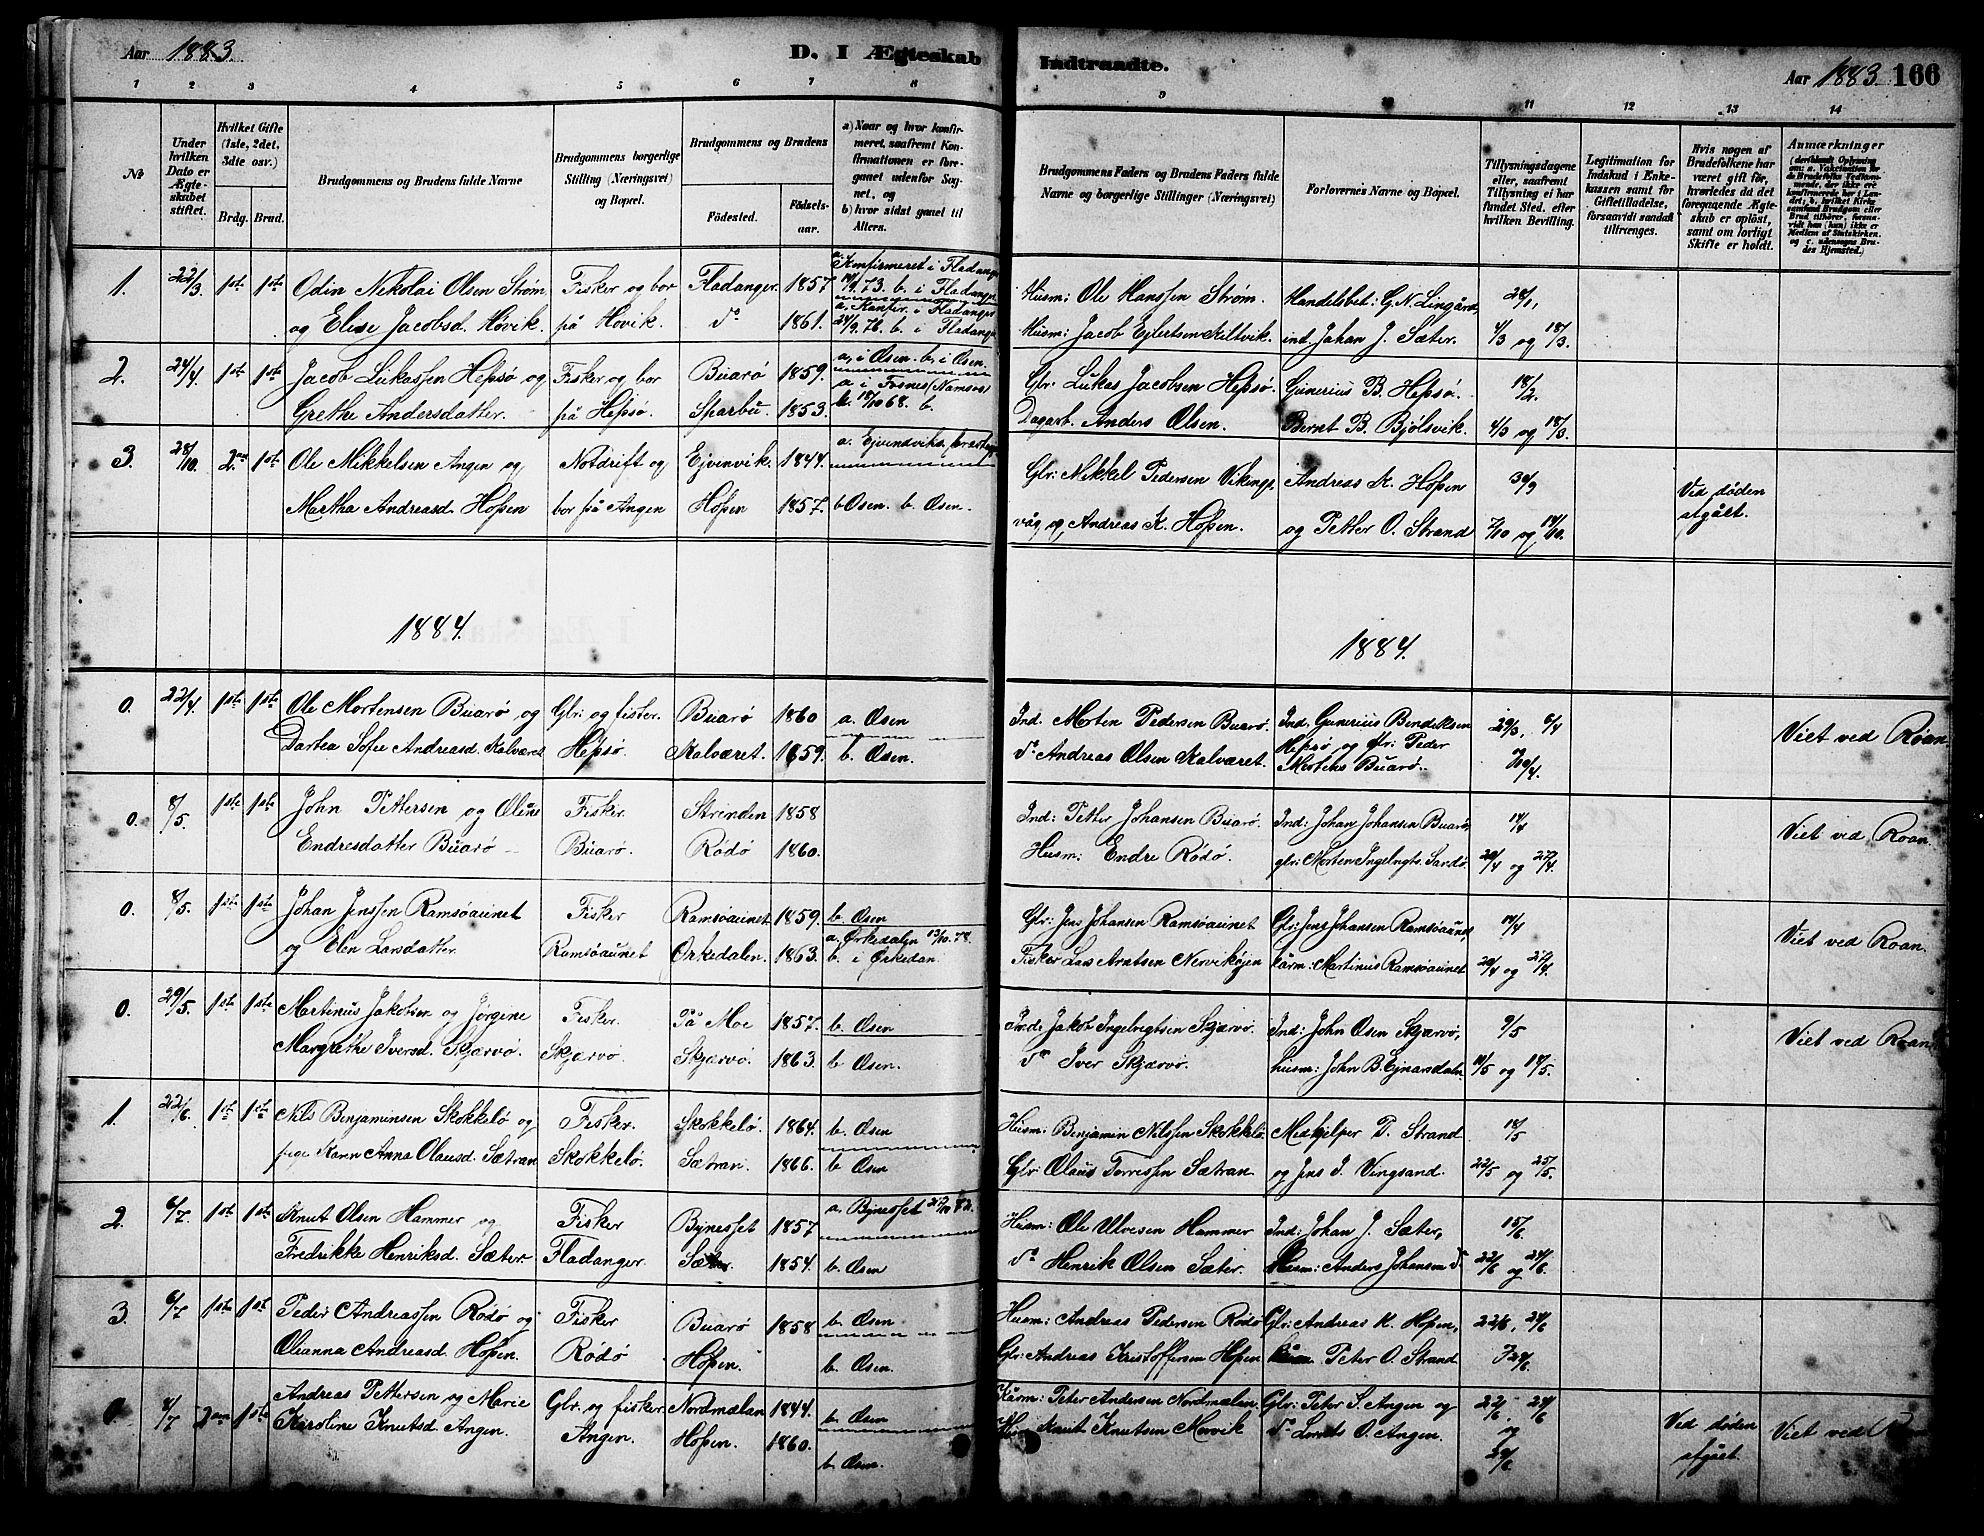 SAT, Ministerialprotokoller, klokkerbøker og fødselsregistre - Sør-Trøndelag, 658/L0726: Klokkerbok nr. 658C02, 1883-1908, s. 166